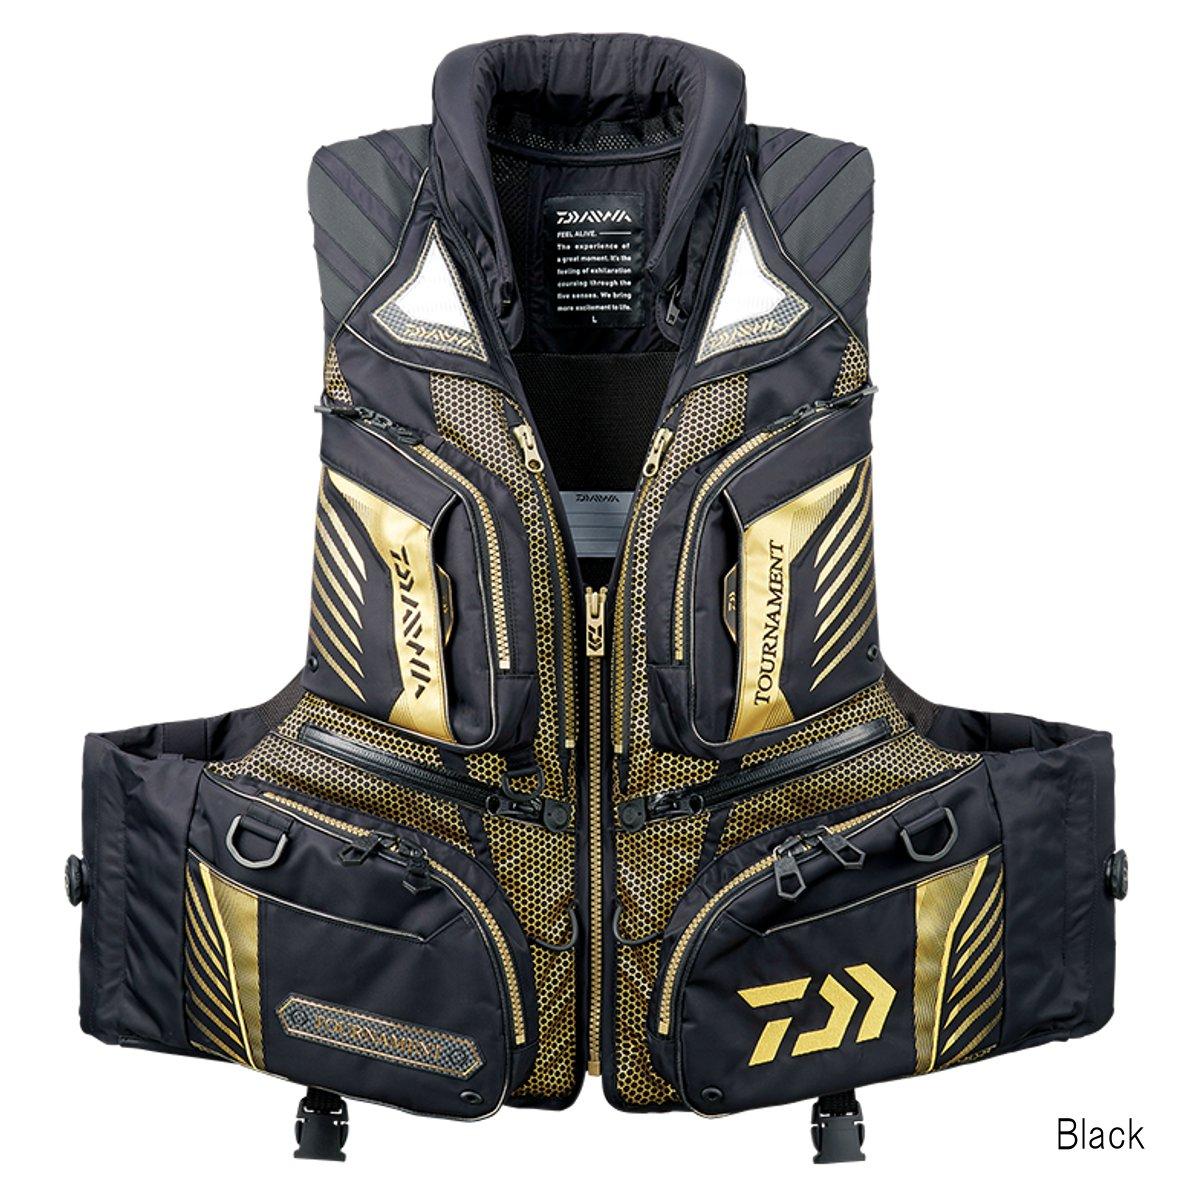 ダイワ トーナメント バリアテック 枕つきサイバーフロート DF-3108T L Black